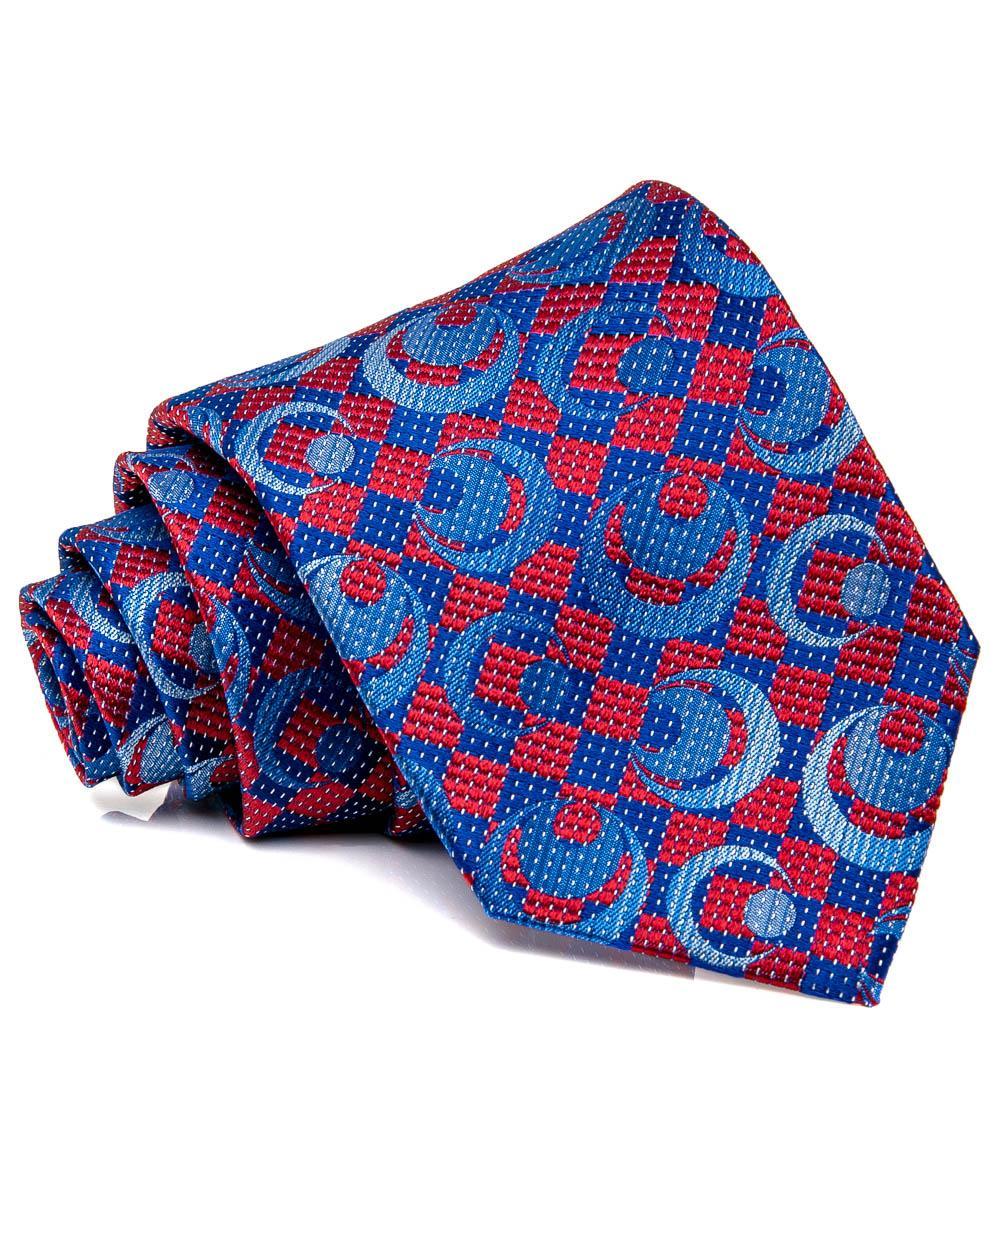 cerca il meglio prezzo limitato Più votati Dolcepunta Red And Blue Patterned Tie in Red for Men - Lyst